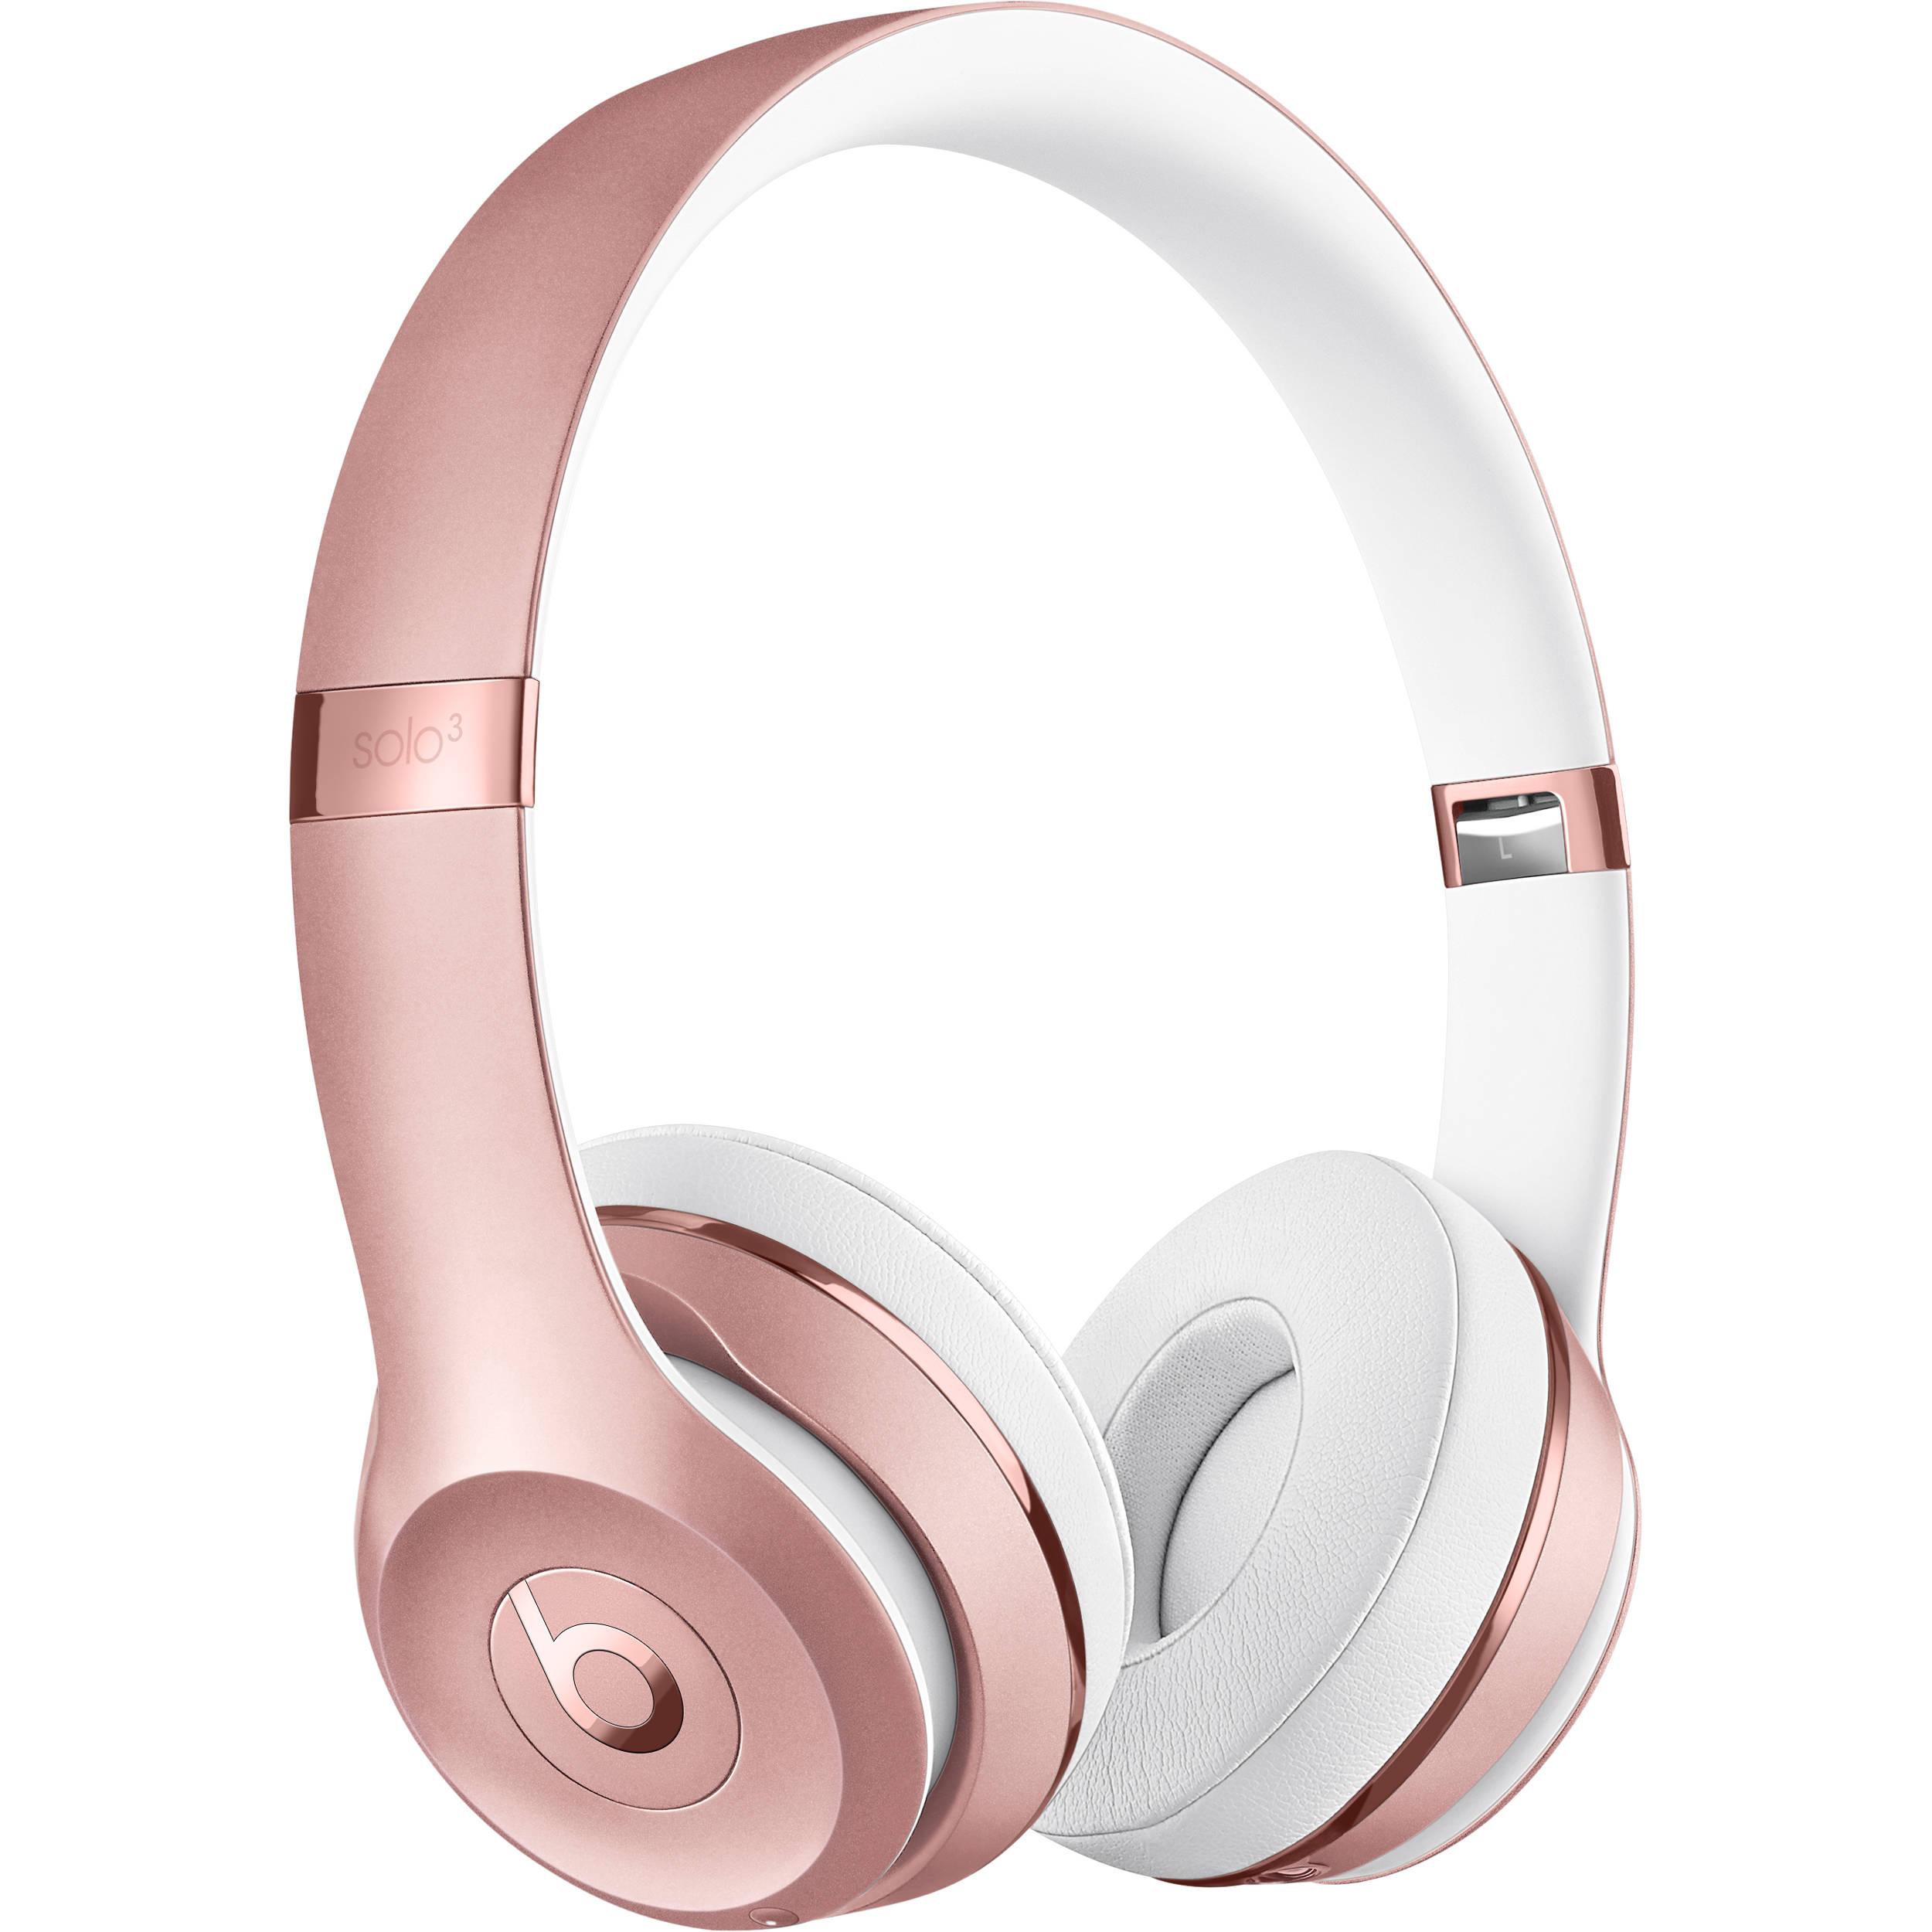 Beats By Dr Dre Beats Solo3 Wireless On Ear Headphones Mx442lla